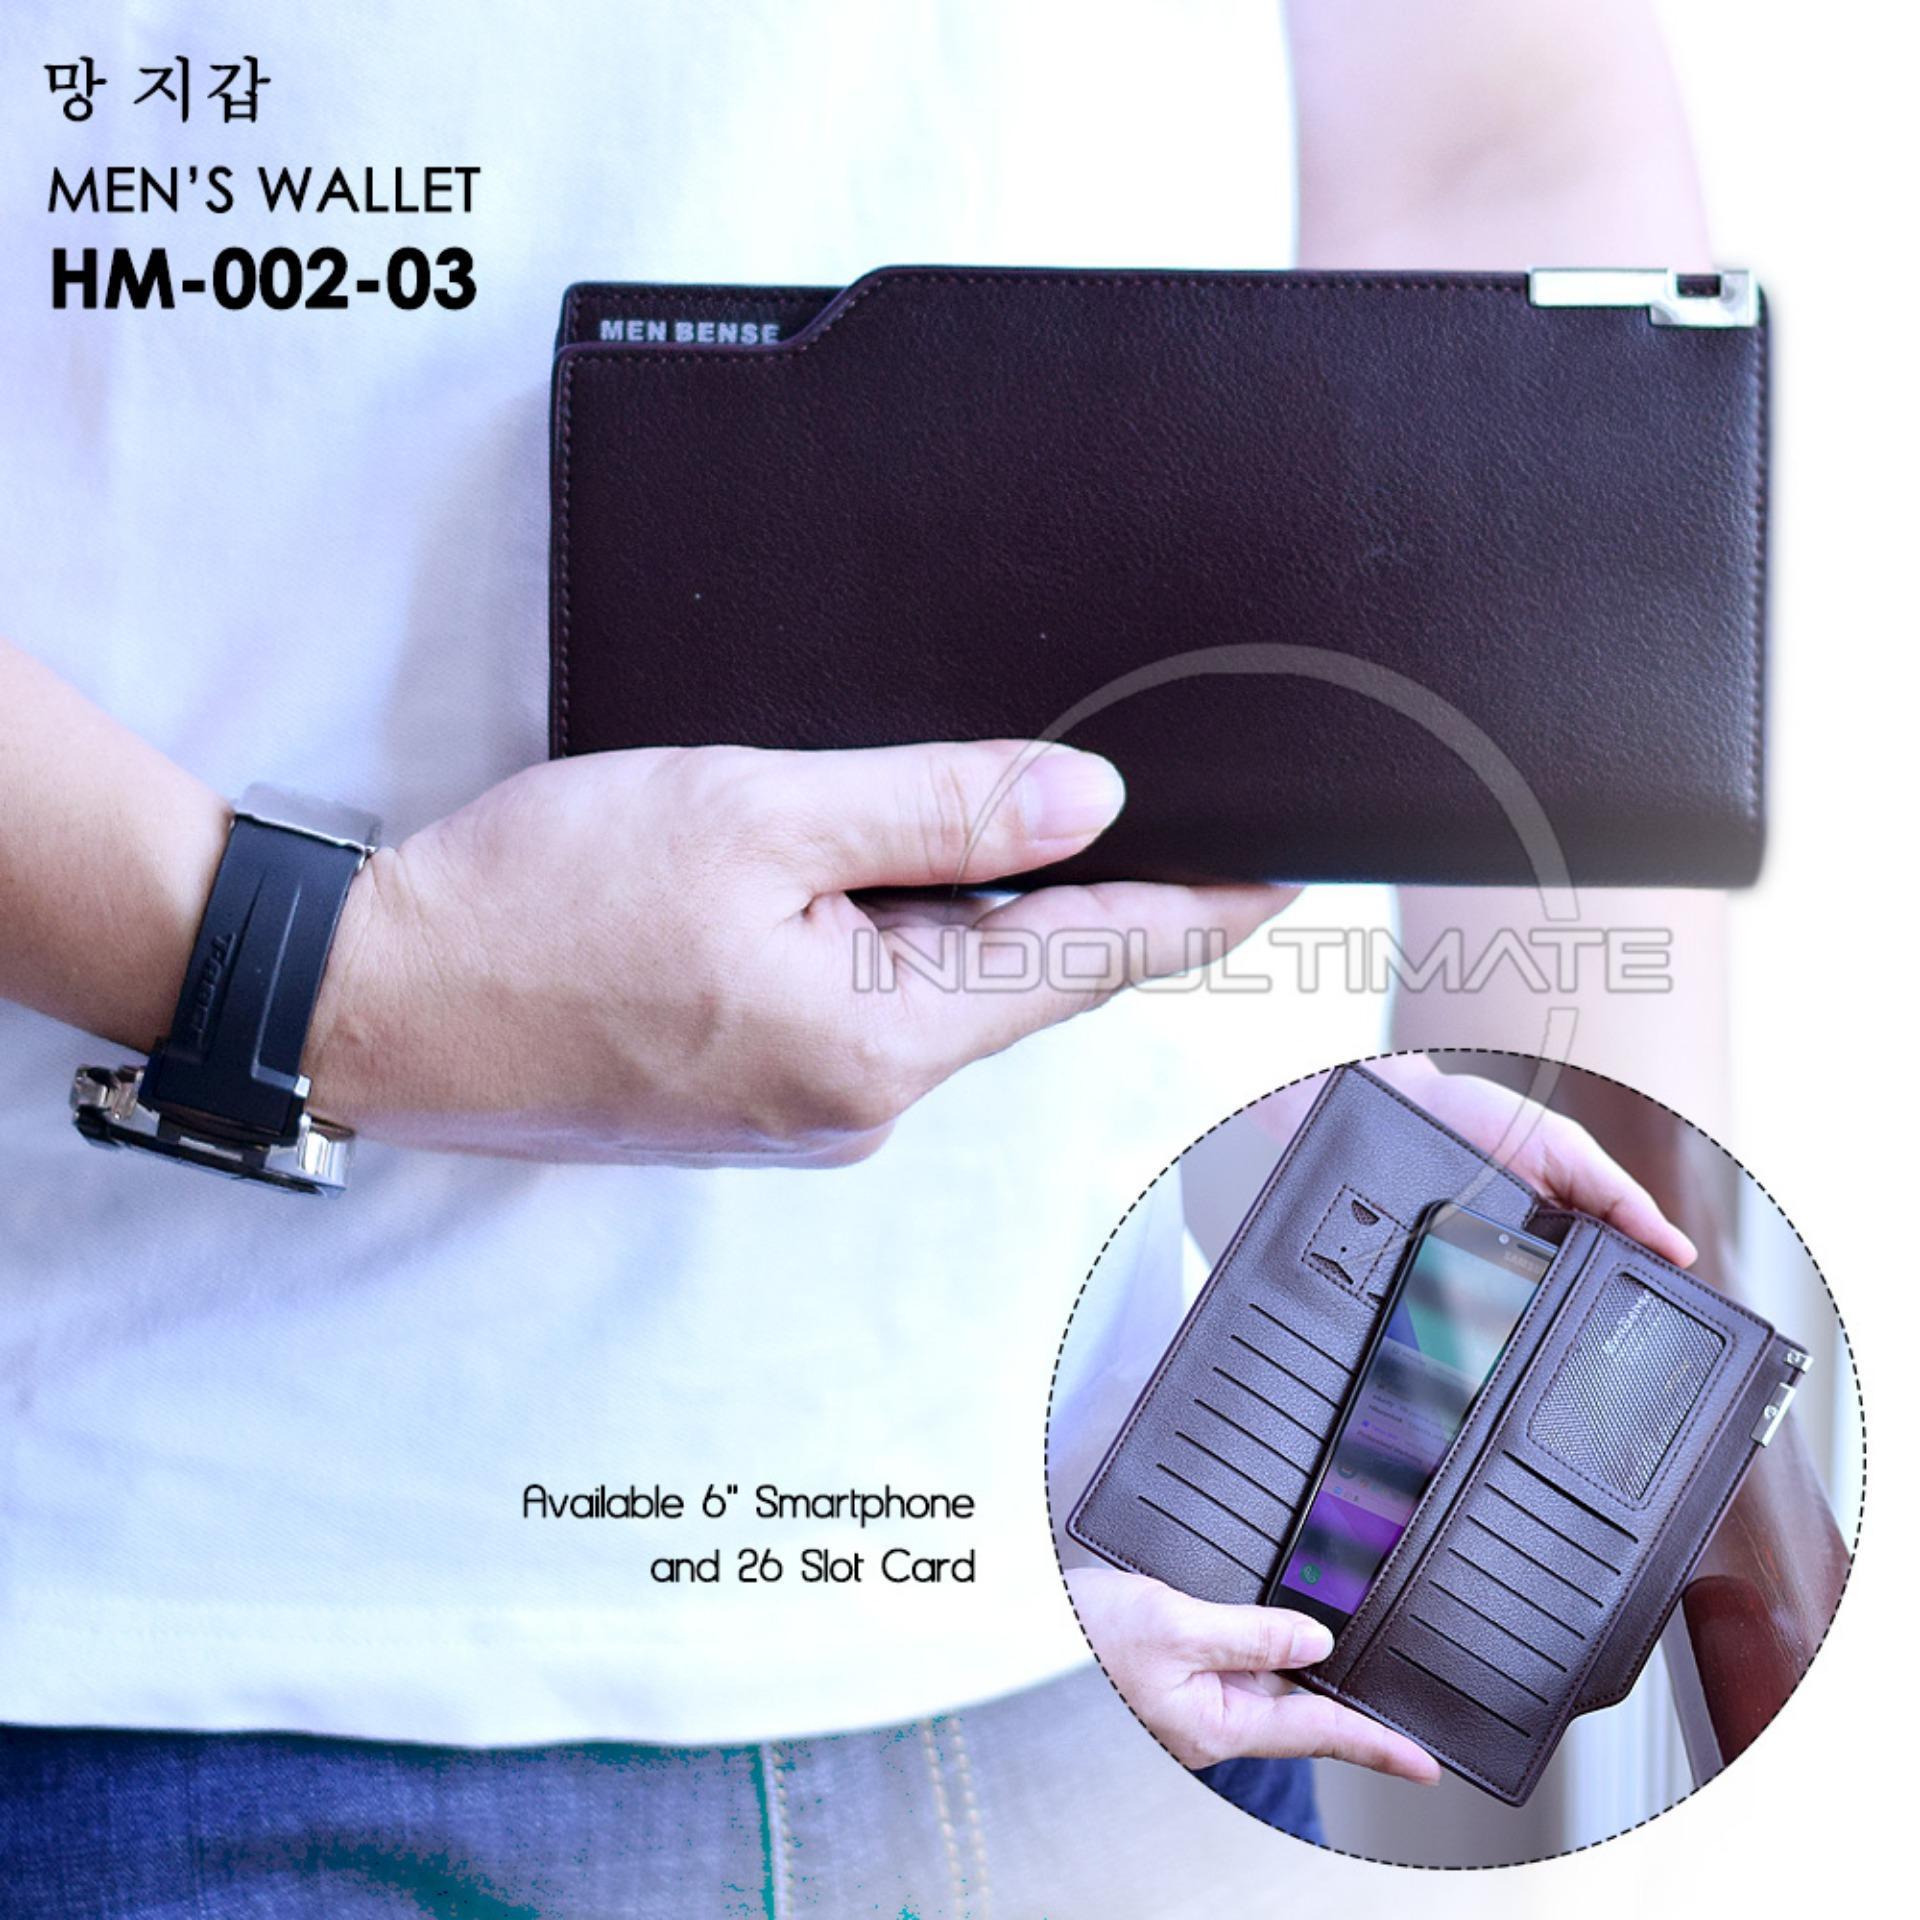 Ultimate Dompet Pria HM-MBS-002-03 - Brown / Dompet Cowok Kartu ATM Panjang Lipat Kulit Import Murah